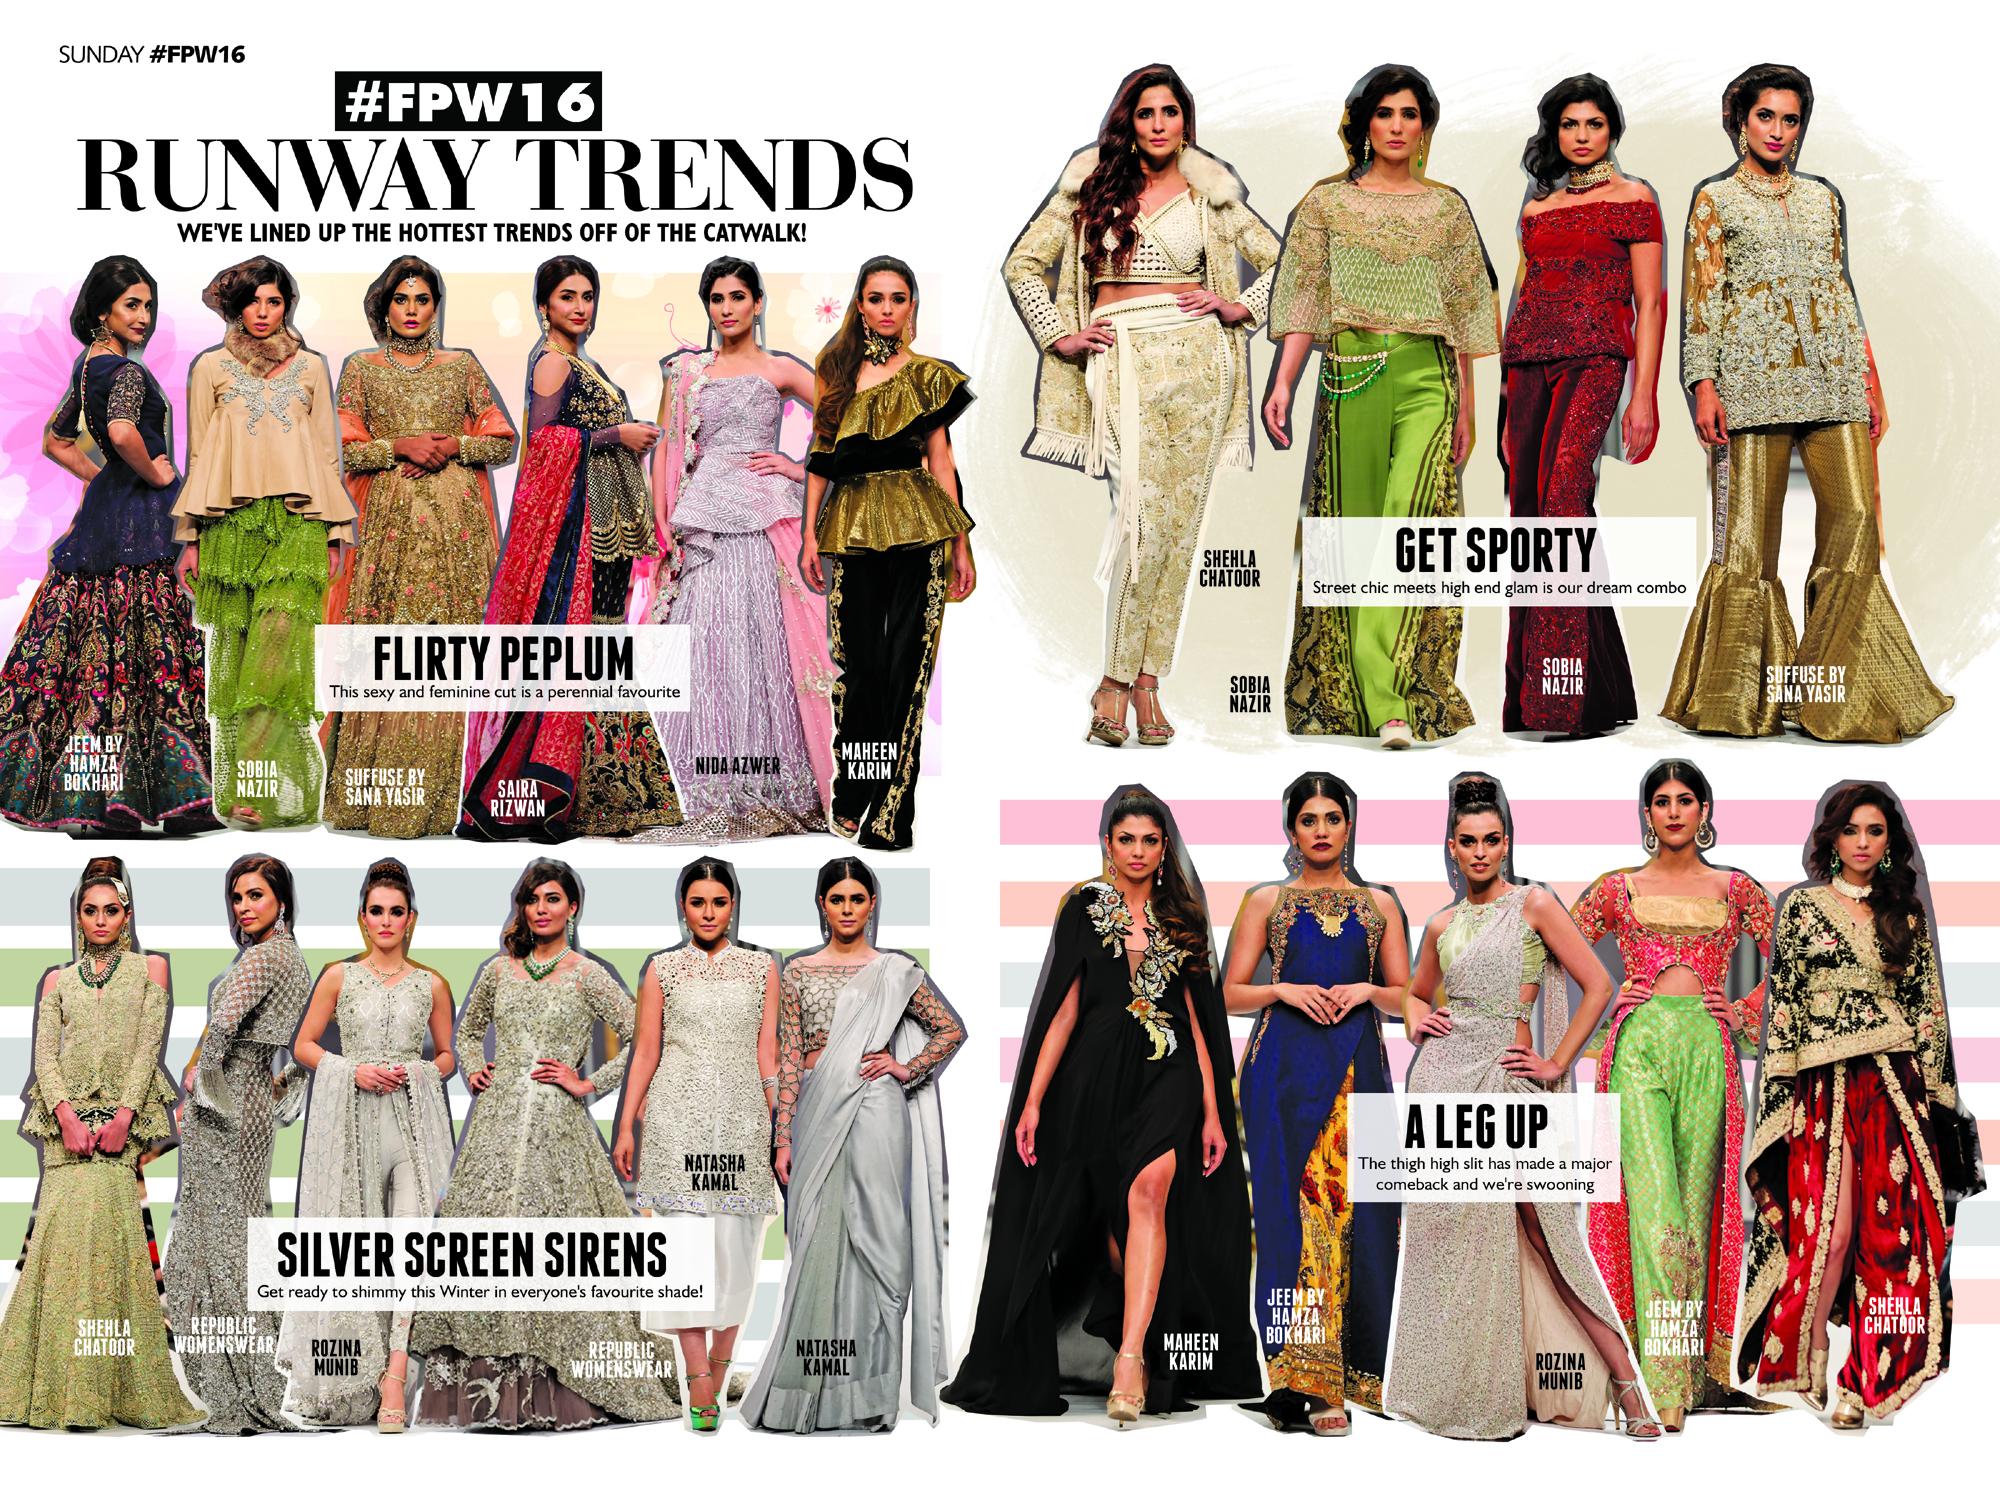 fpw-trends-nov-06-761-1-copy